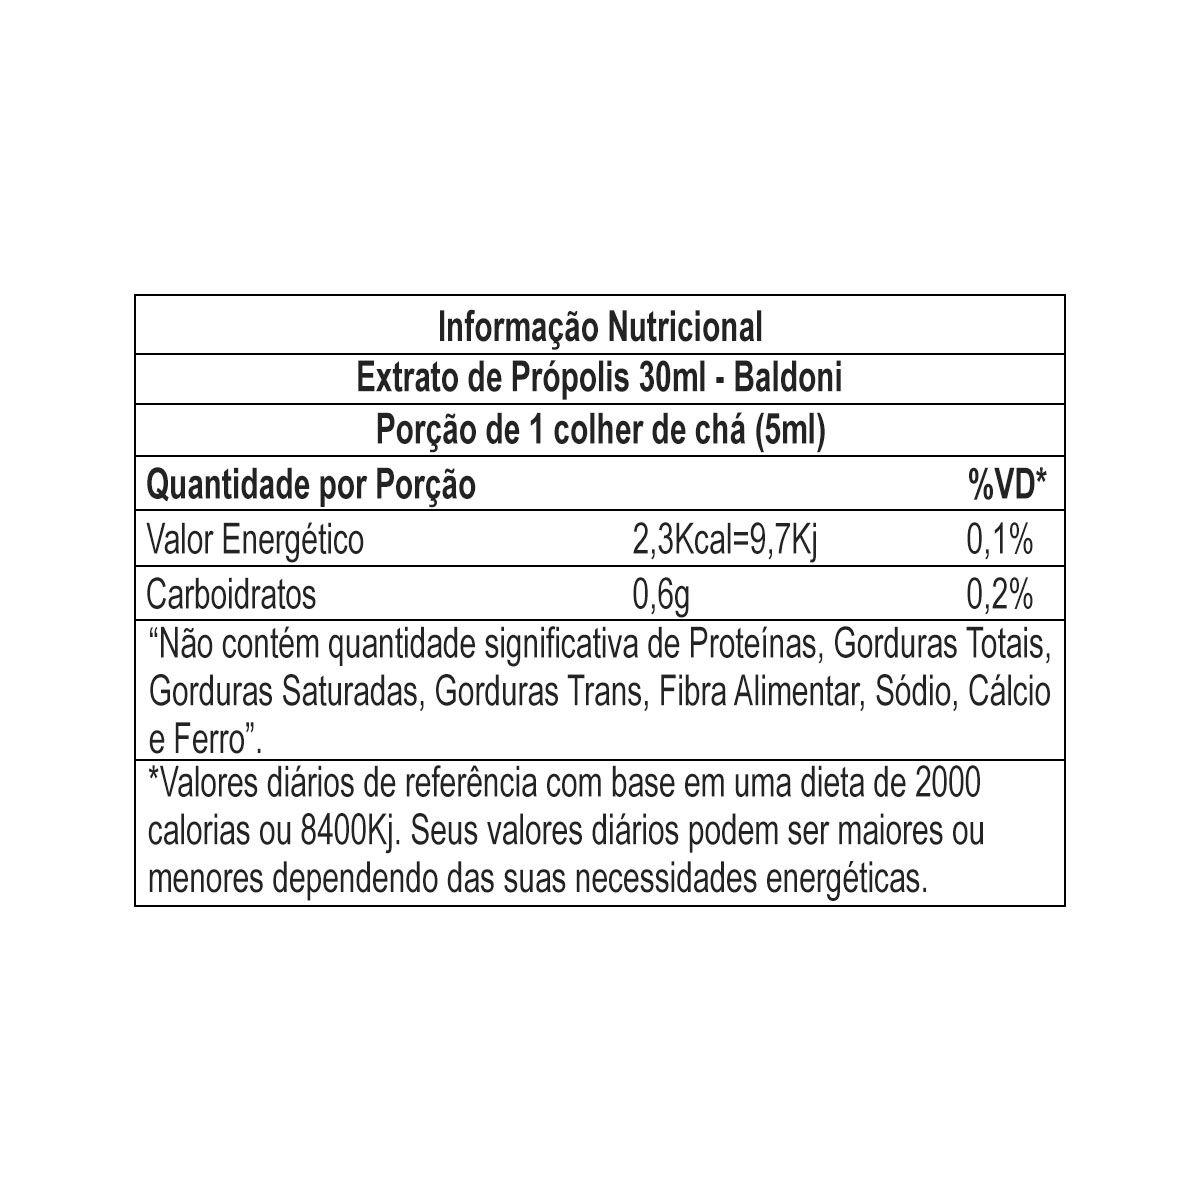 Extrato de Própolis 30ml - Baldoni